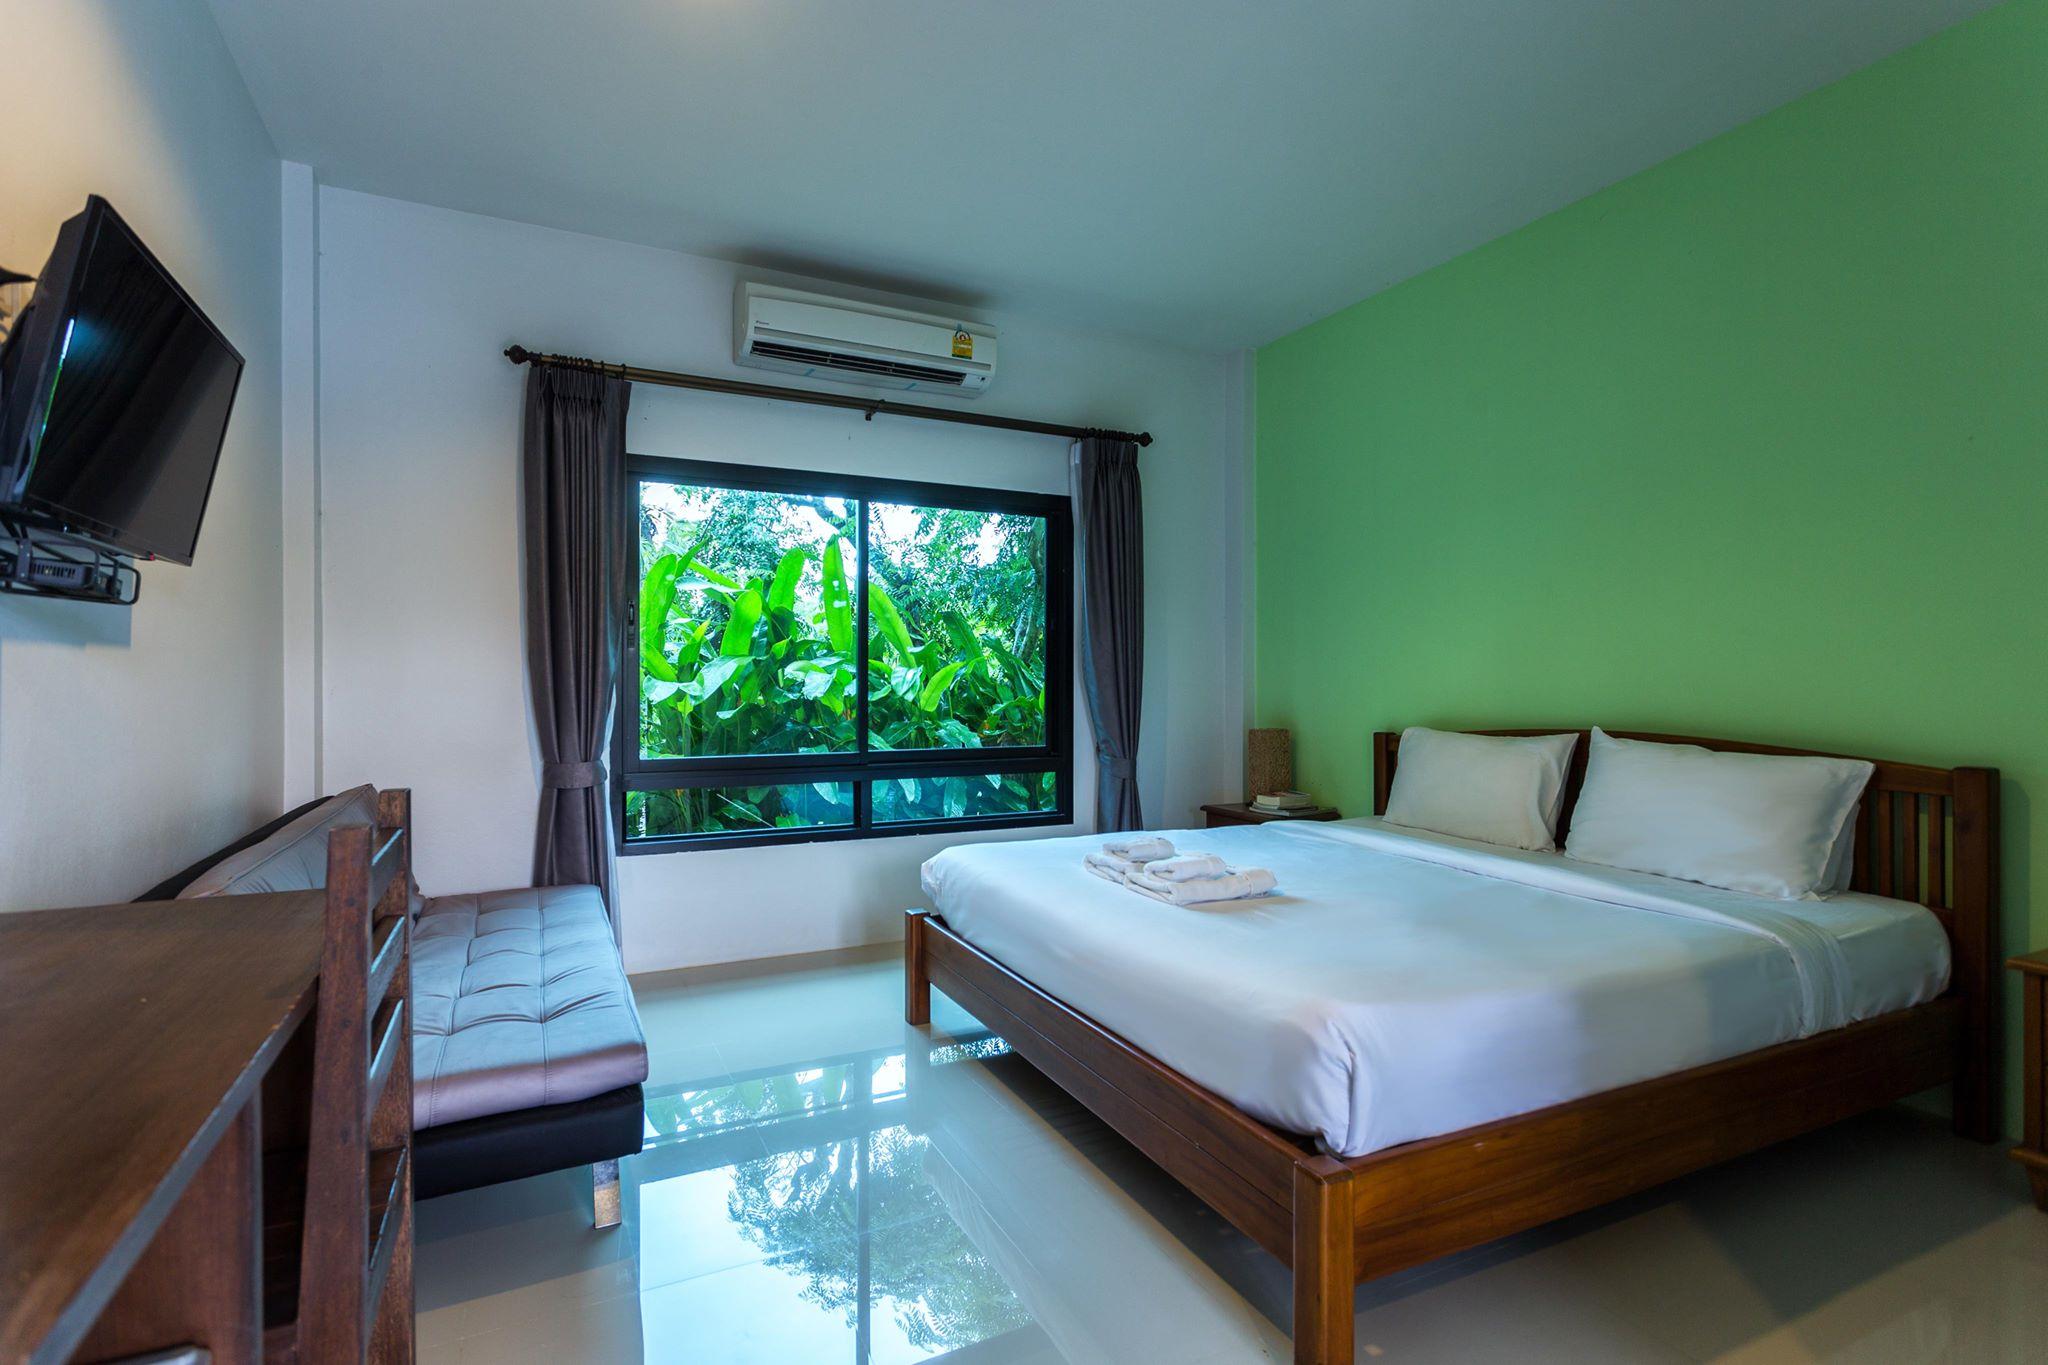 พักผ่อนชิวๆ ริมน้ำ ที่ Tamali Hotel  นครศรีดีย์